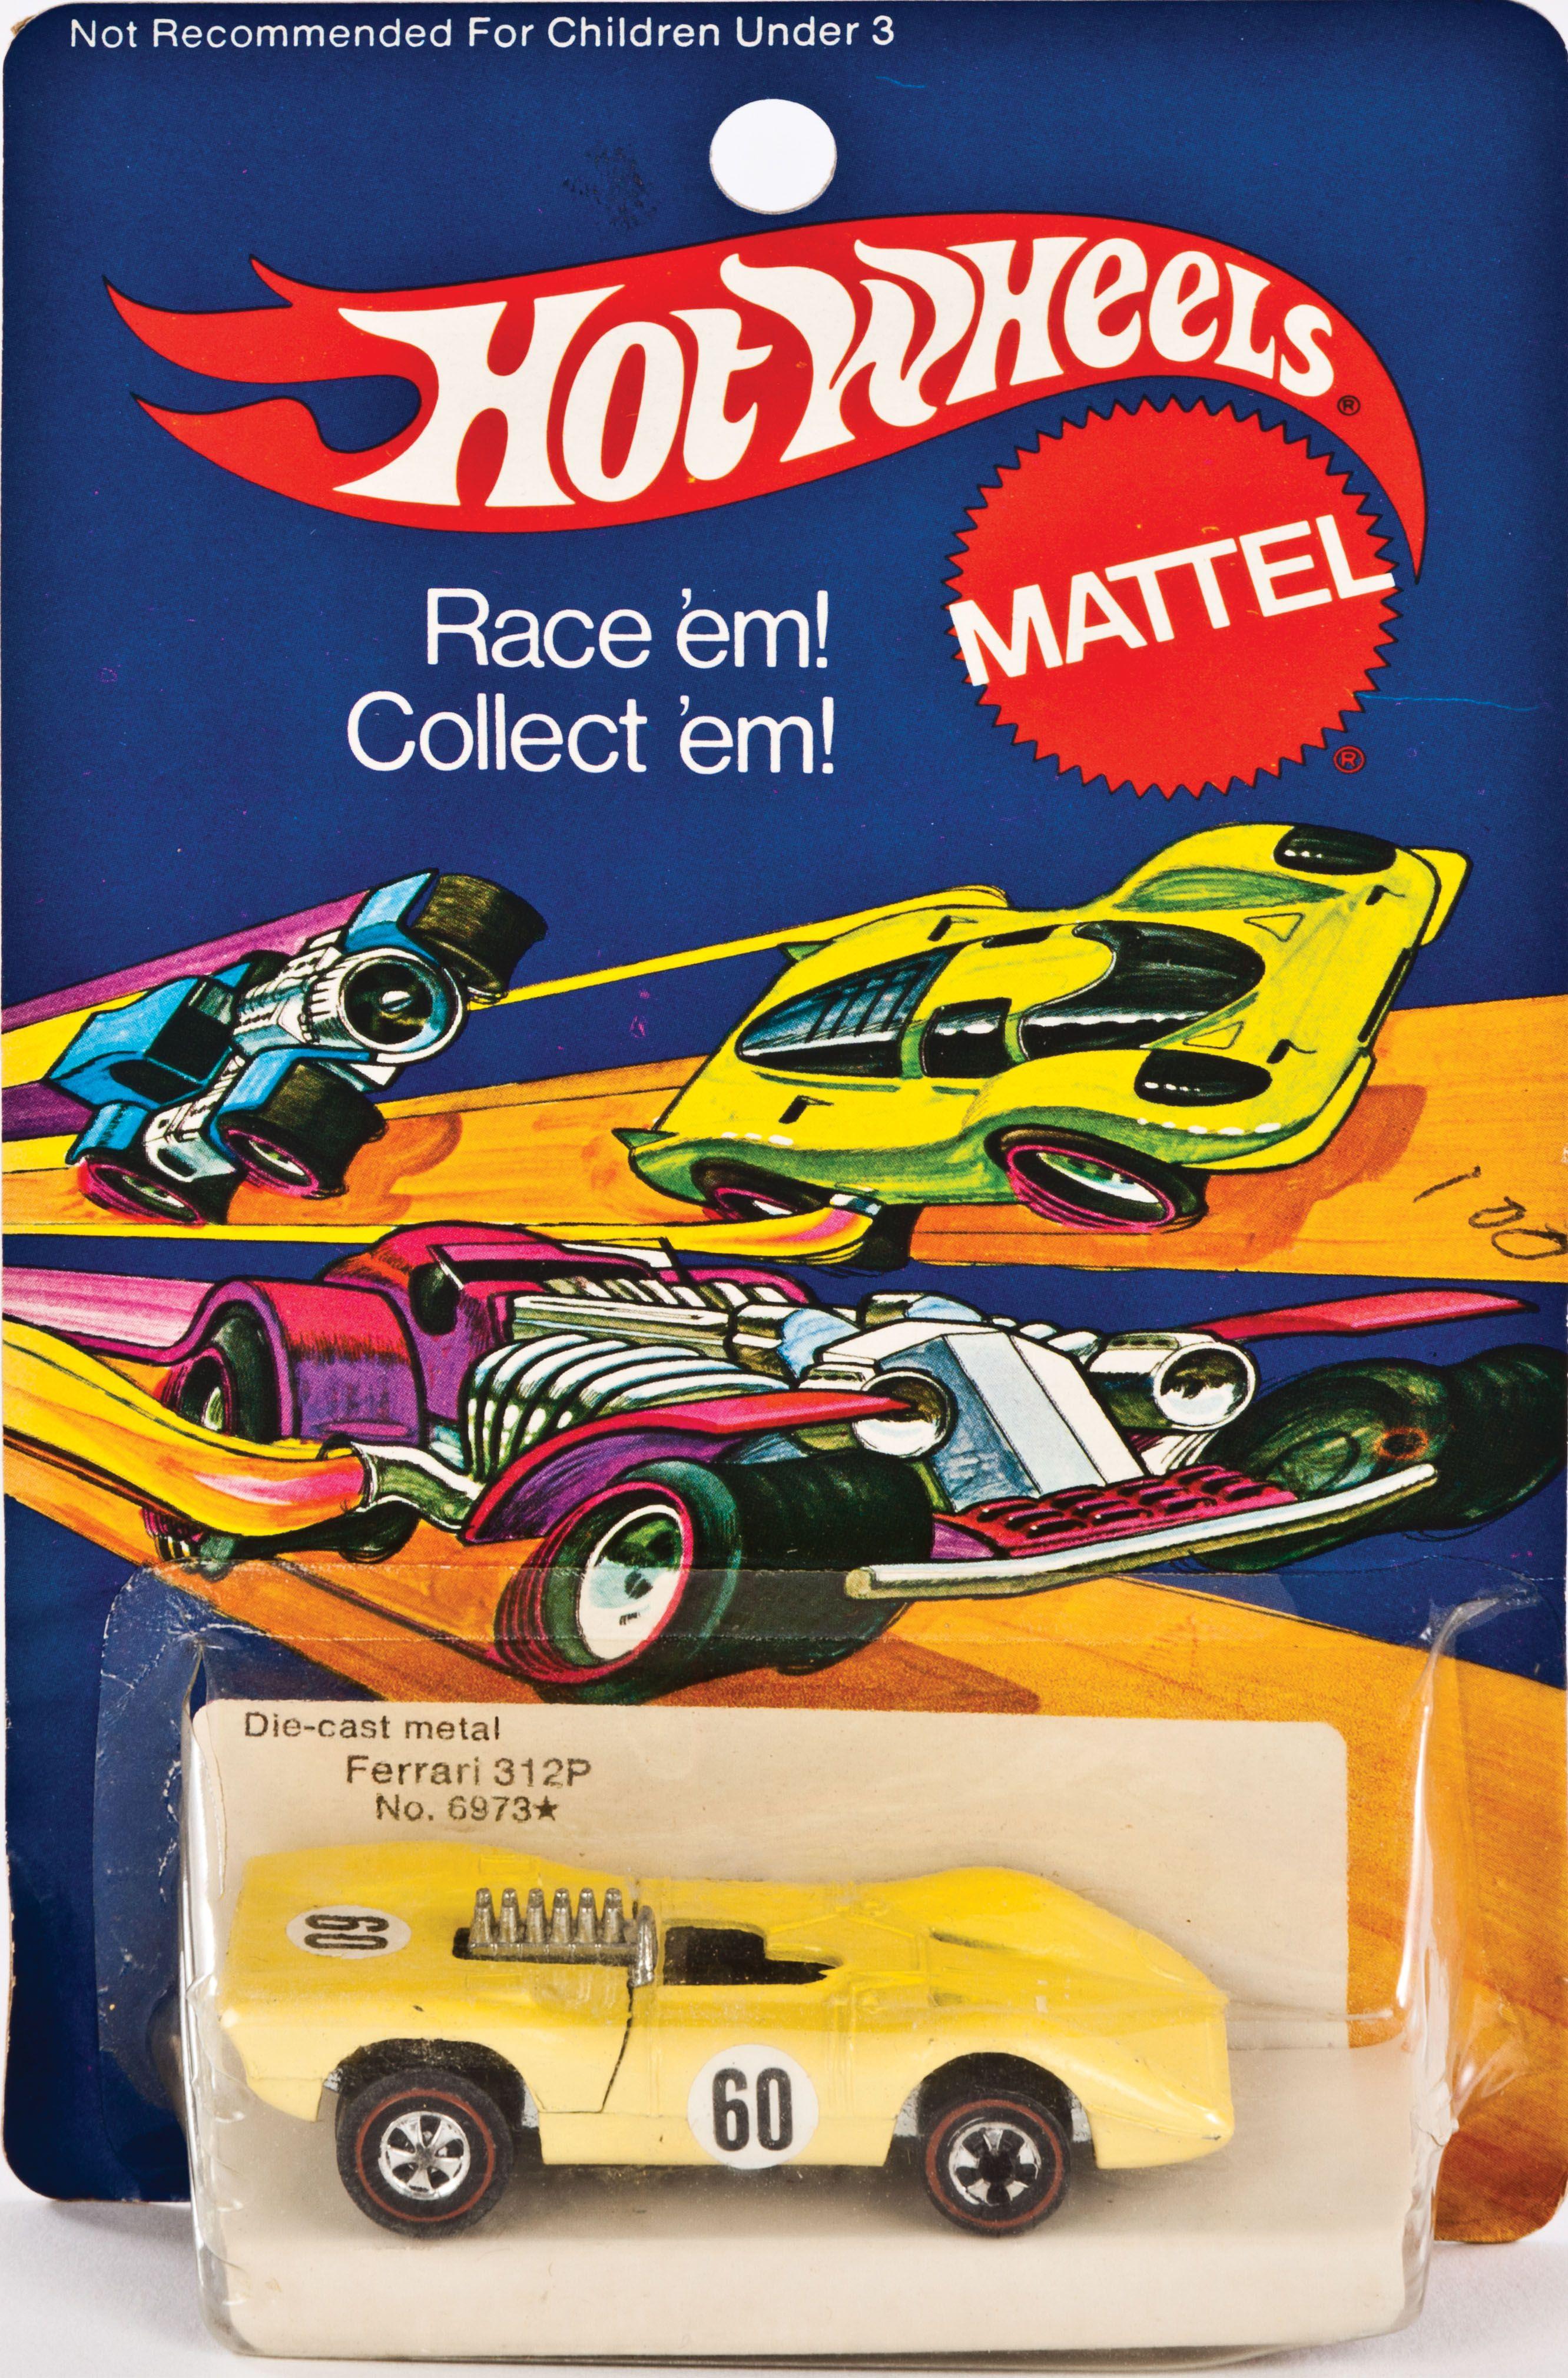 Hot Wheels Toys : Vintage pez dispensers g i joe hot wheels cracker jack